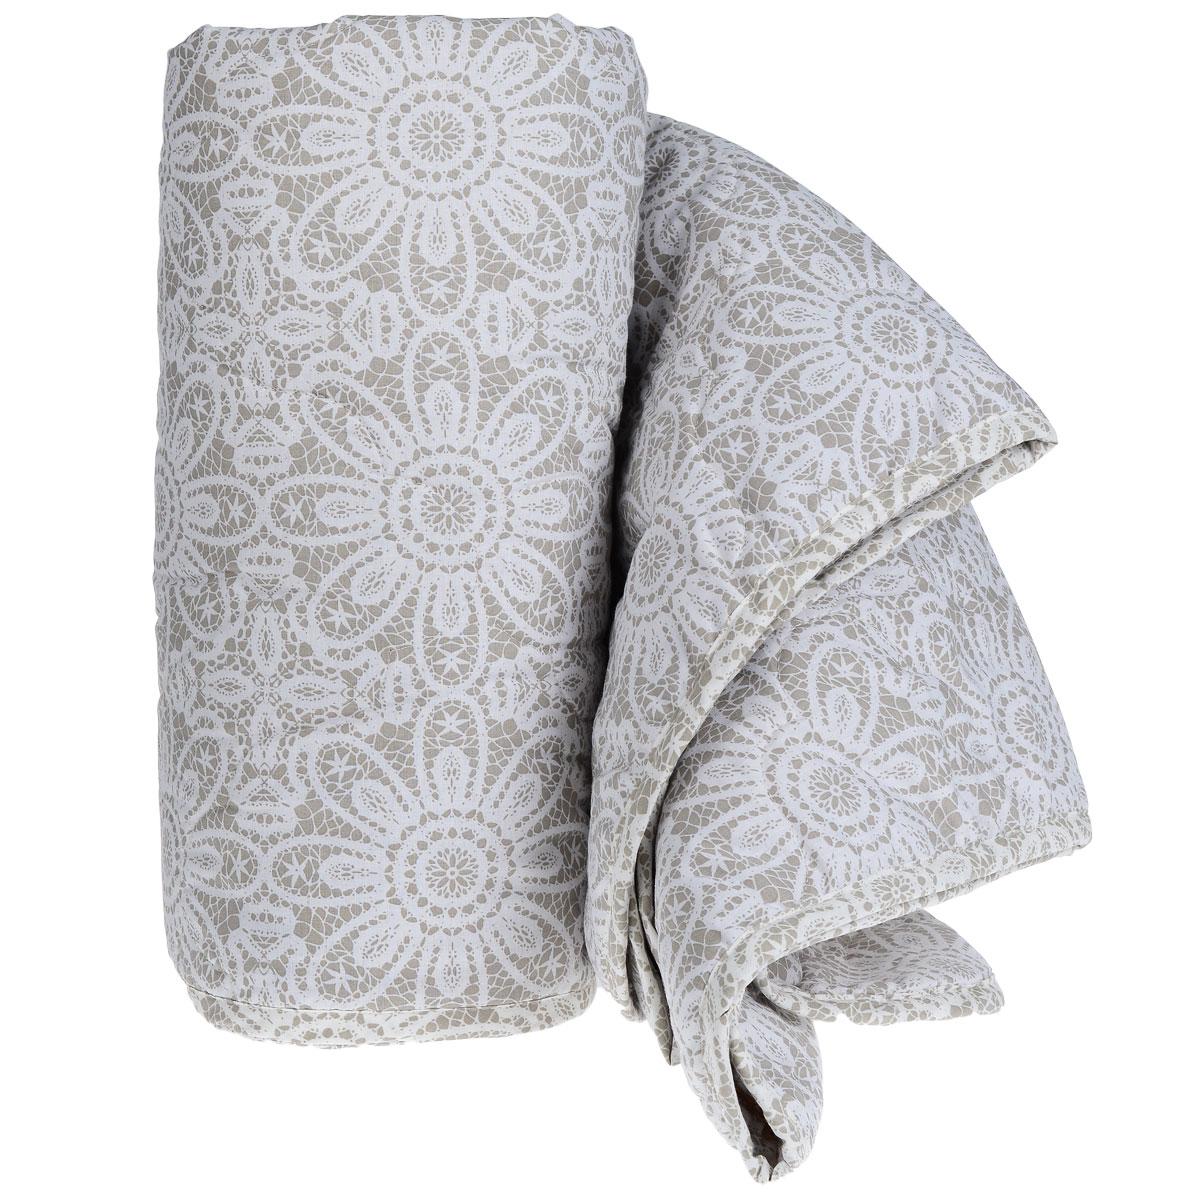 Одеяло летнее Green Line, наполнитель: льняное волокно, 200 см х 220 см531-401Летнее одеяло Green Line подарит незабываемое чувство комфорта и уюта во время сна. Верх выполнен из ранфорса (100% хлопок) с красивым рисунком, напоминающим кружево. Внутри - наполнитель из льняного волокна. Это экологически чистый натуральный материал, который позаботится о вашем здоровье и подарит комфортный сон. Лен обладает уникальными свойствами: он холодит в жару и согревает в холод, он полезен для здоровья, так как является природным антисептиком. Благодаря пористой структуре, ткань дышит и создается эффект активного дыхания. Стежка и кант по краю не позволяют наполнителю скатываться и равномерно удерживают его внутри. Одеяло легкое и тонкое - оно идеально подойдет для лета, под ним будет прохладно и комфортно спать в жару. Рекомендации по уходу: - запрещается стирка в стиральной машине и вручную, - не отбеливать, - нельзя отжимать и сушить в стиральной машине, - не гладить, - химчистка с мягкими растворителями, - сушить вертикально.Материал чехла: ранфорс (100% хлопок).Наполнитель: лен (натуральное волокно 90%, полиэстер 10%). Размер: 200 см х 220 см.Масса наполнителя: 150 г/м2.